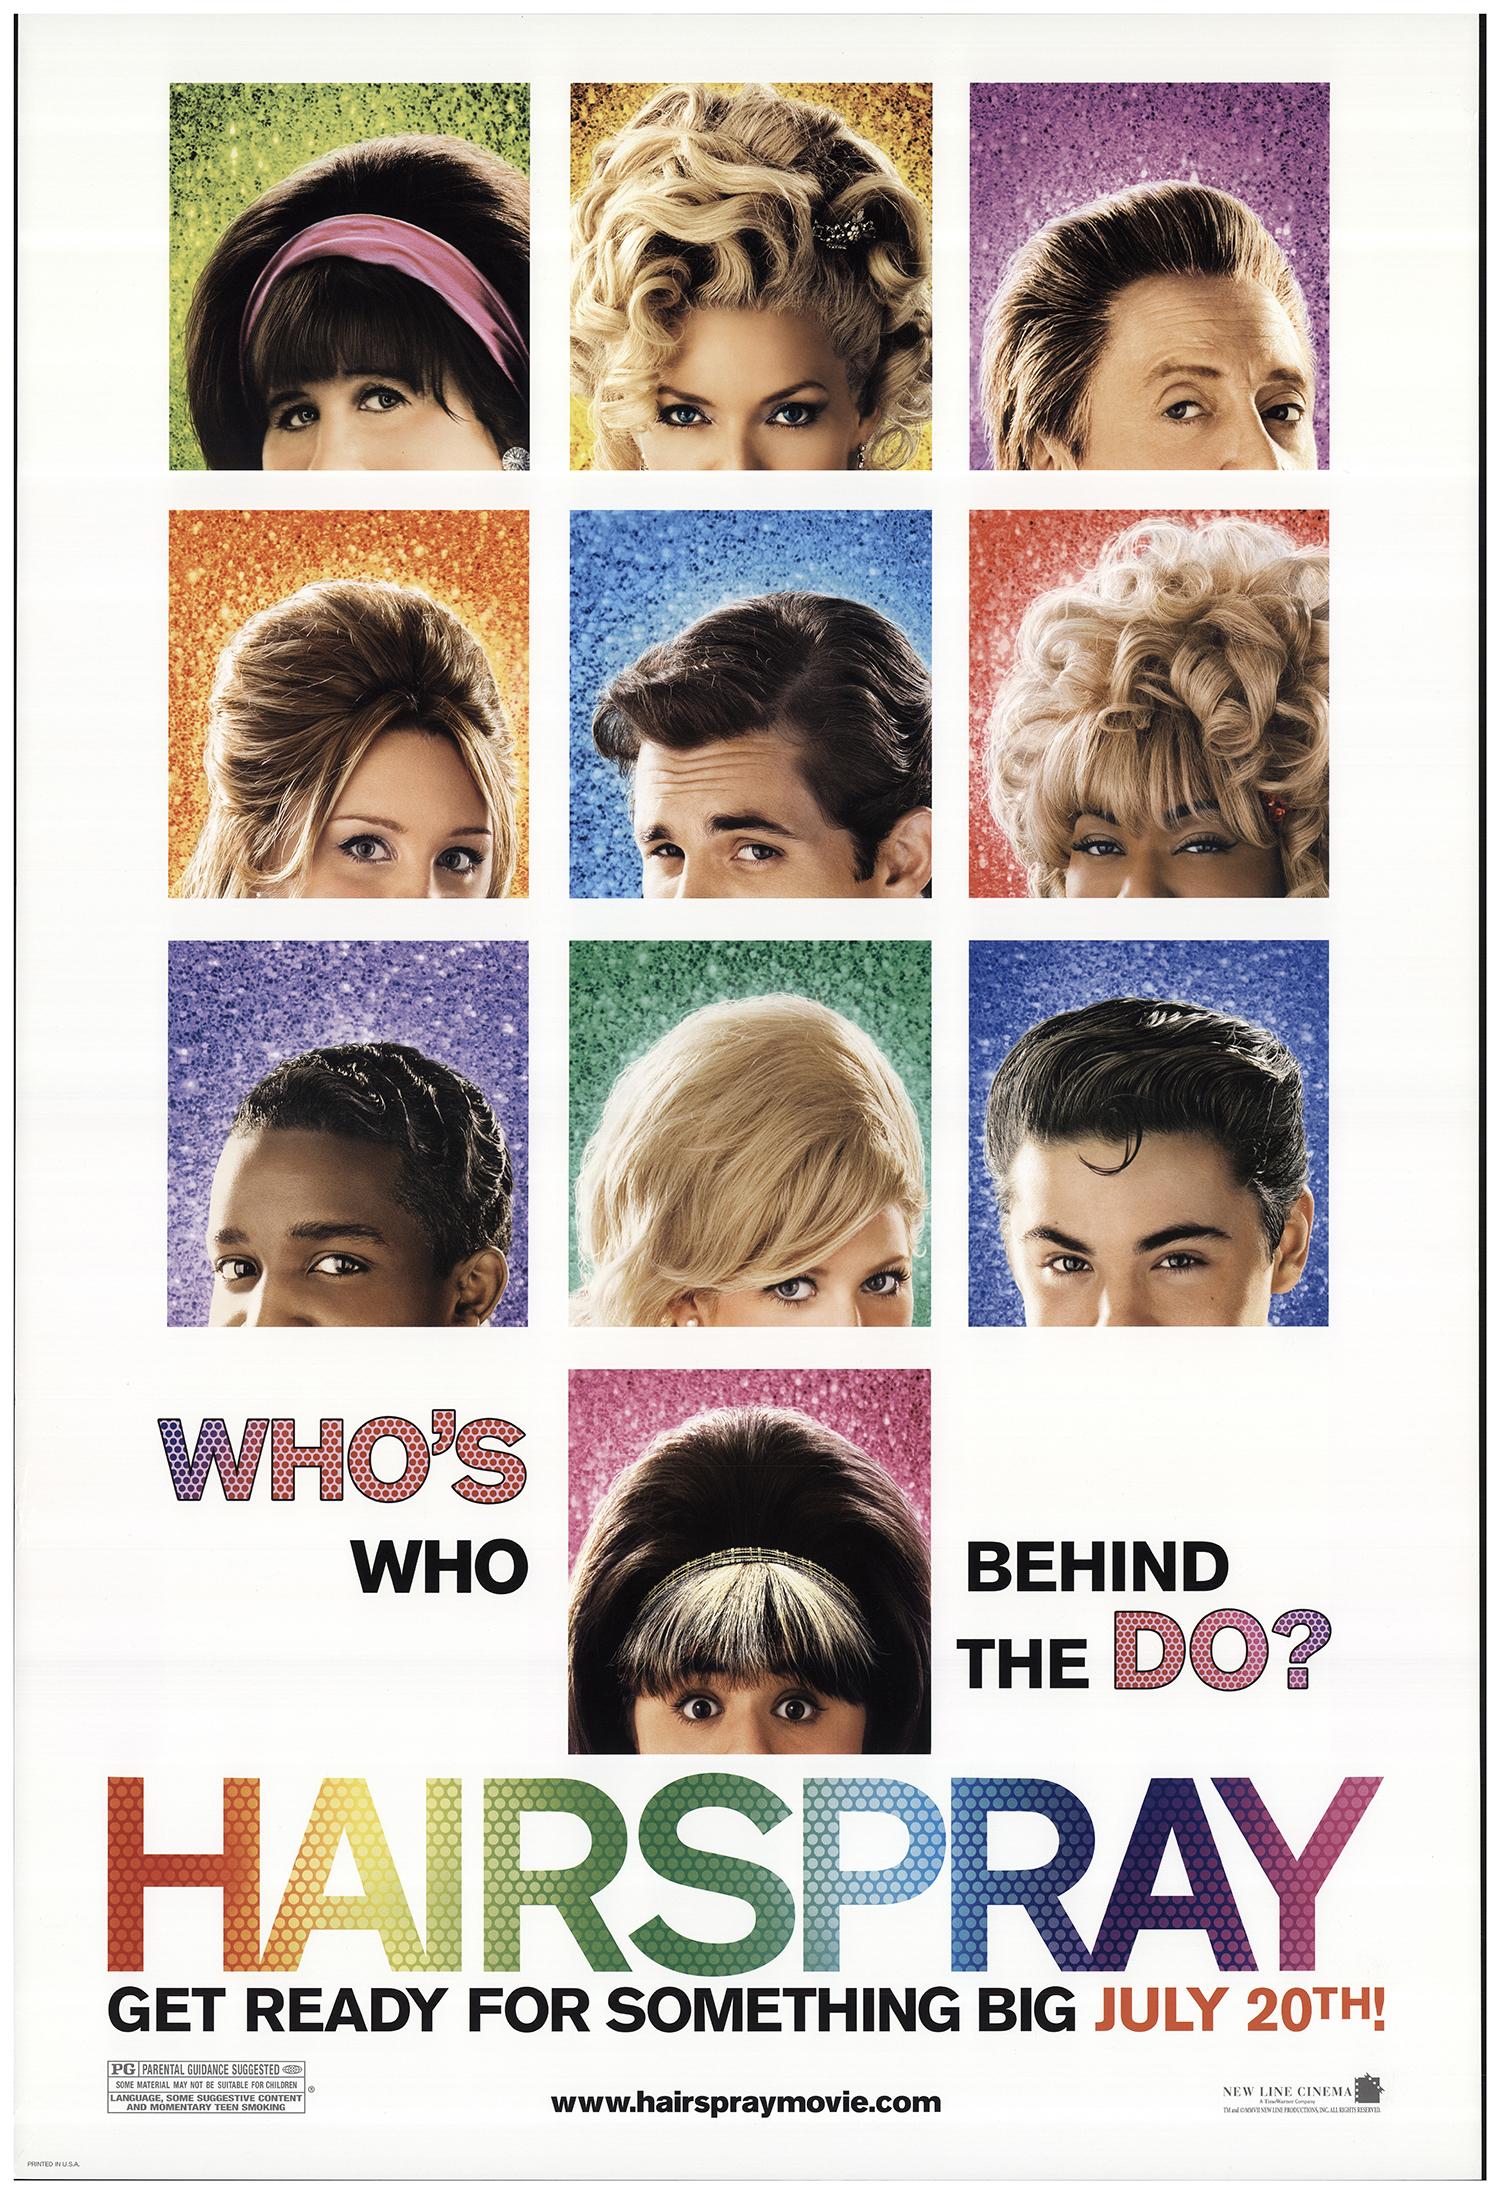 Hairspray 2007 Original Movie Poster #FFF-67834 | FFFMovieposters.com